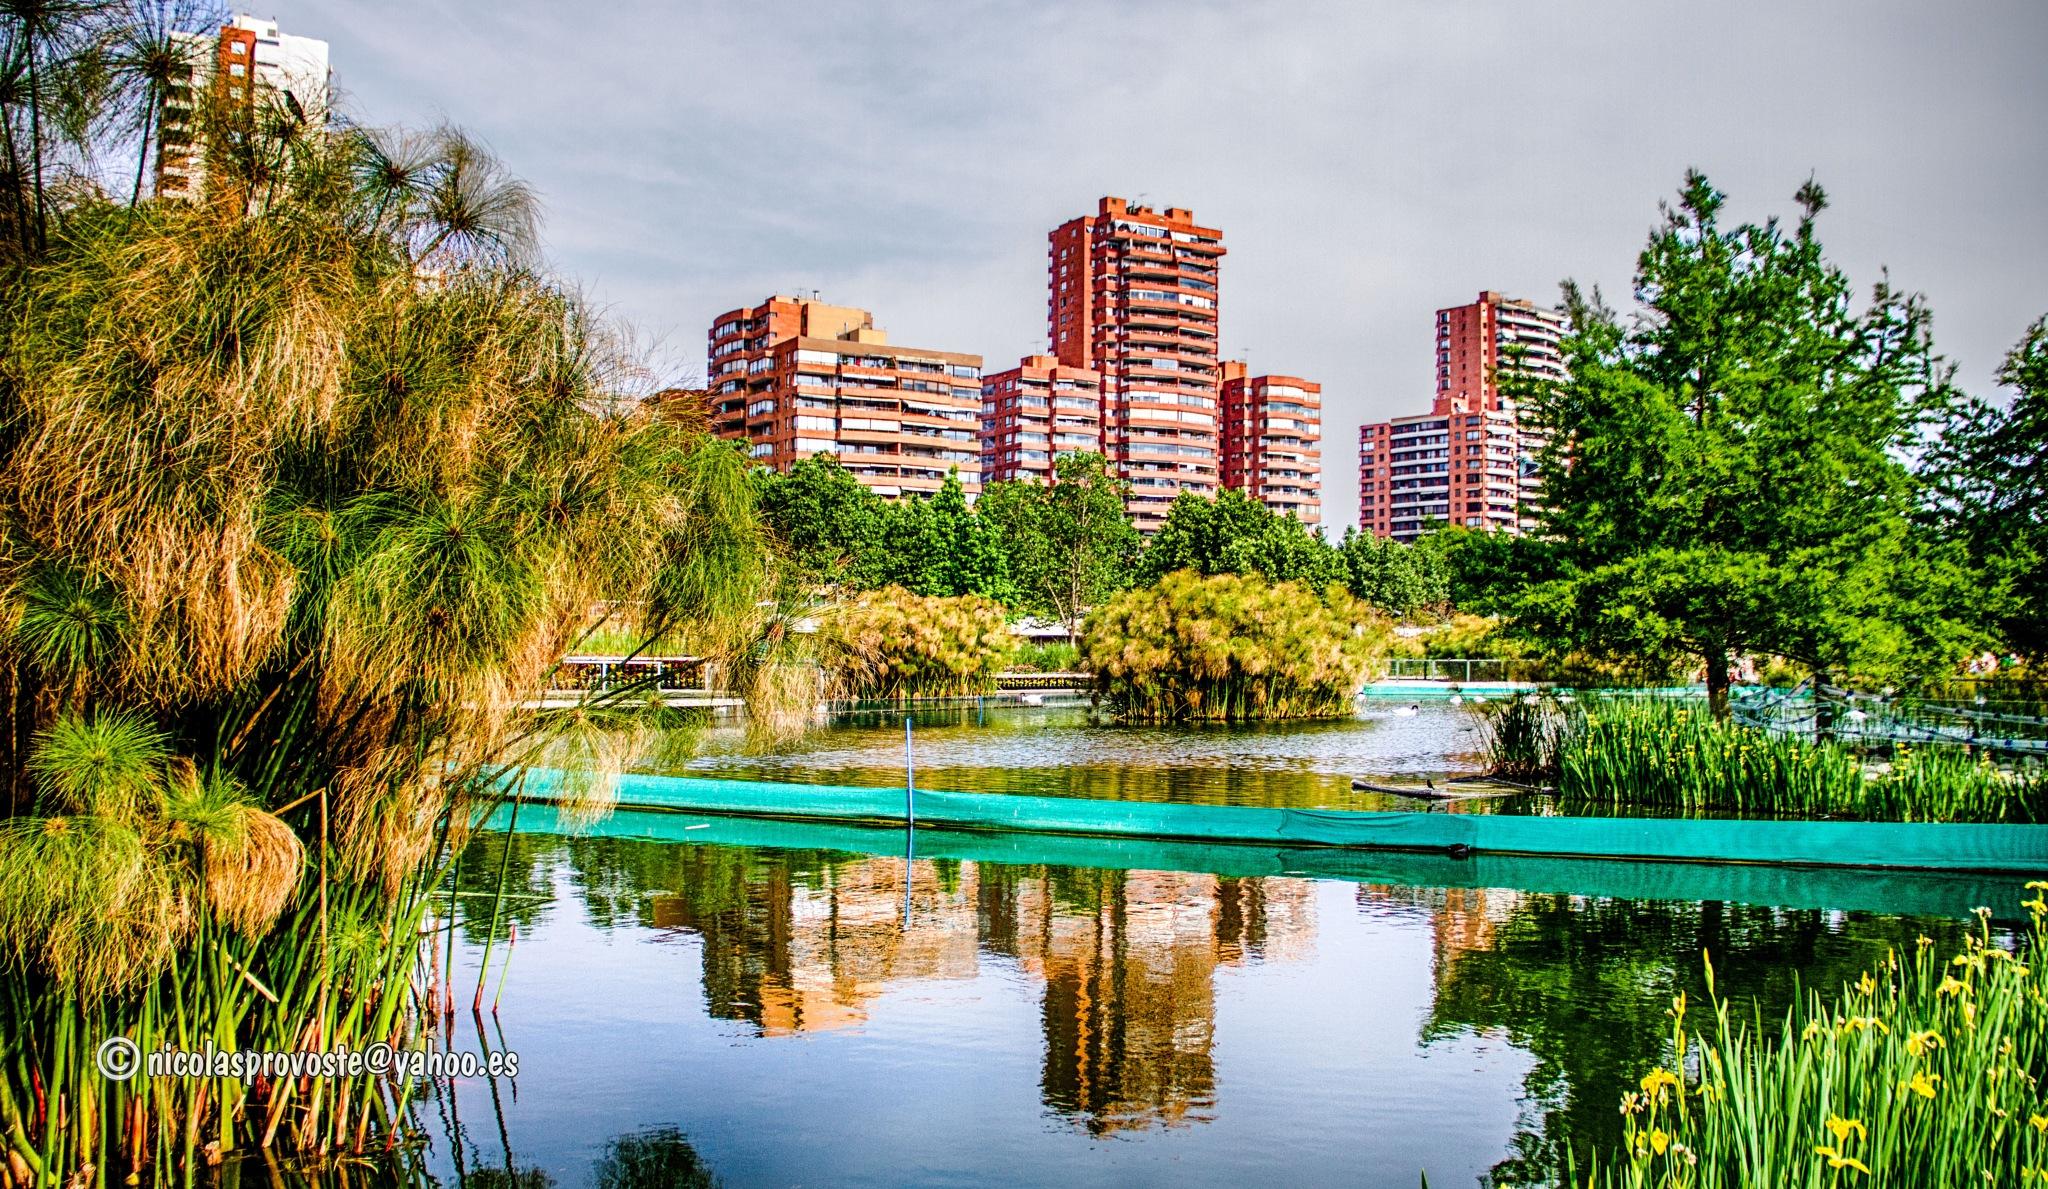 Parque Bicentenario de Santiago by nicolasprovoste